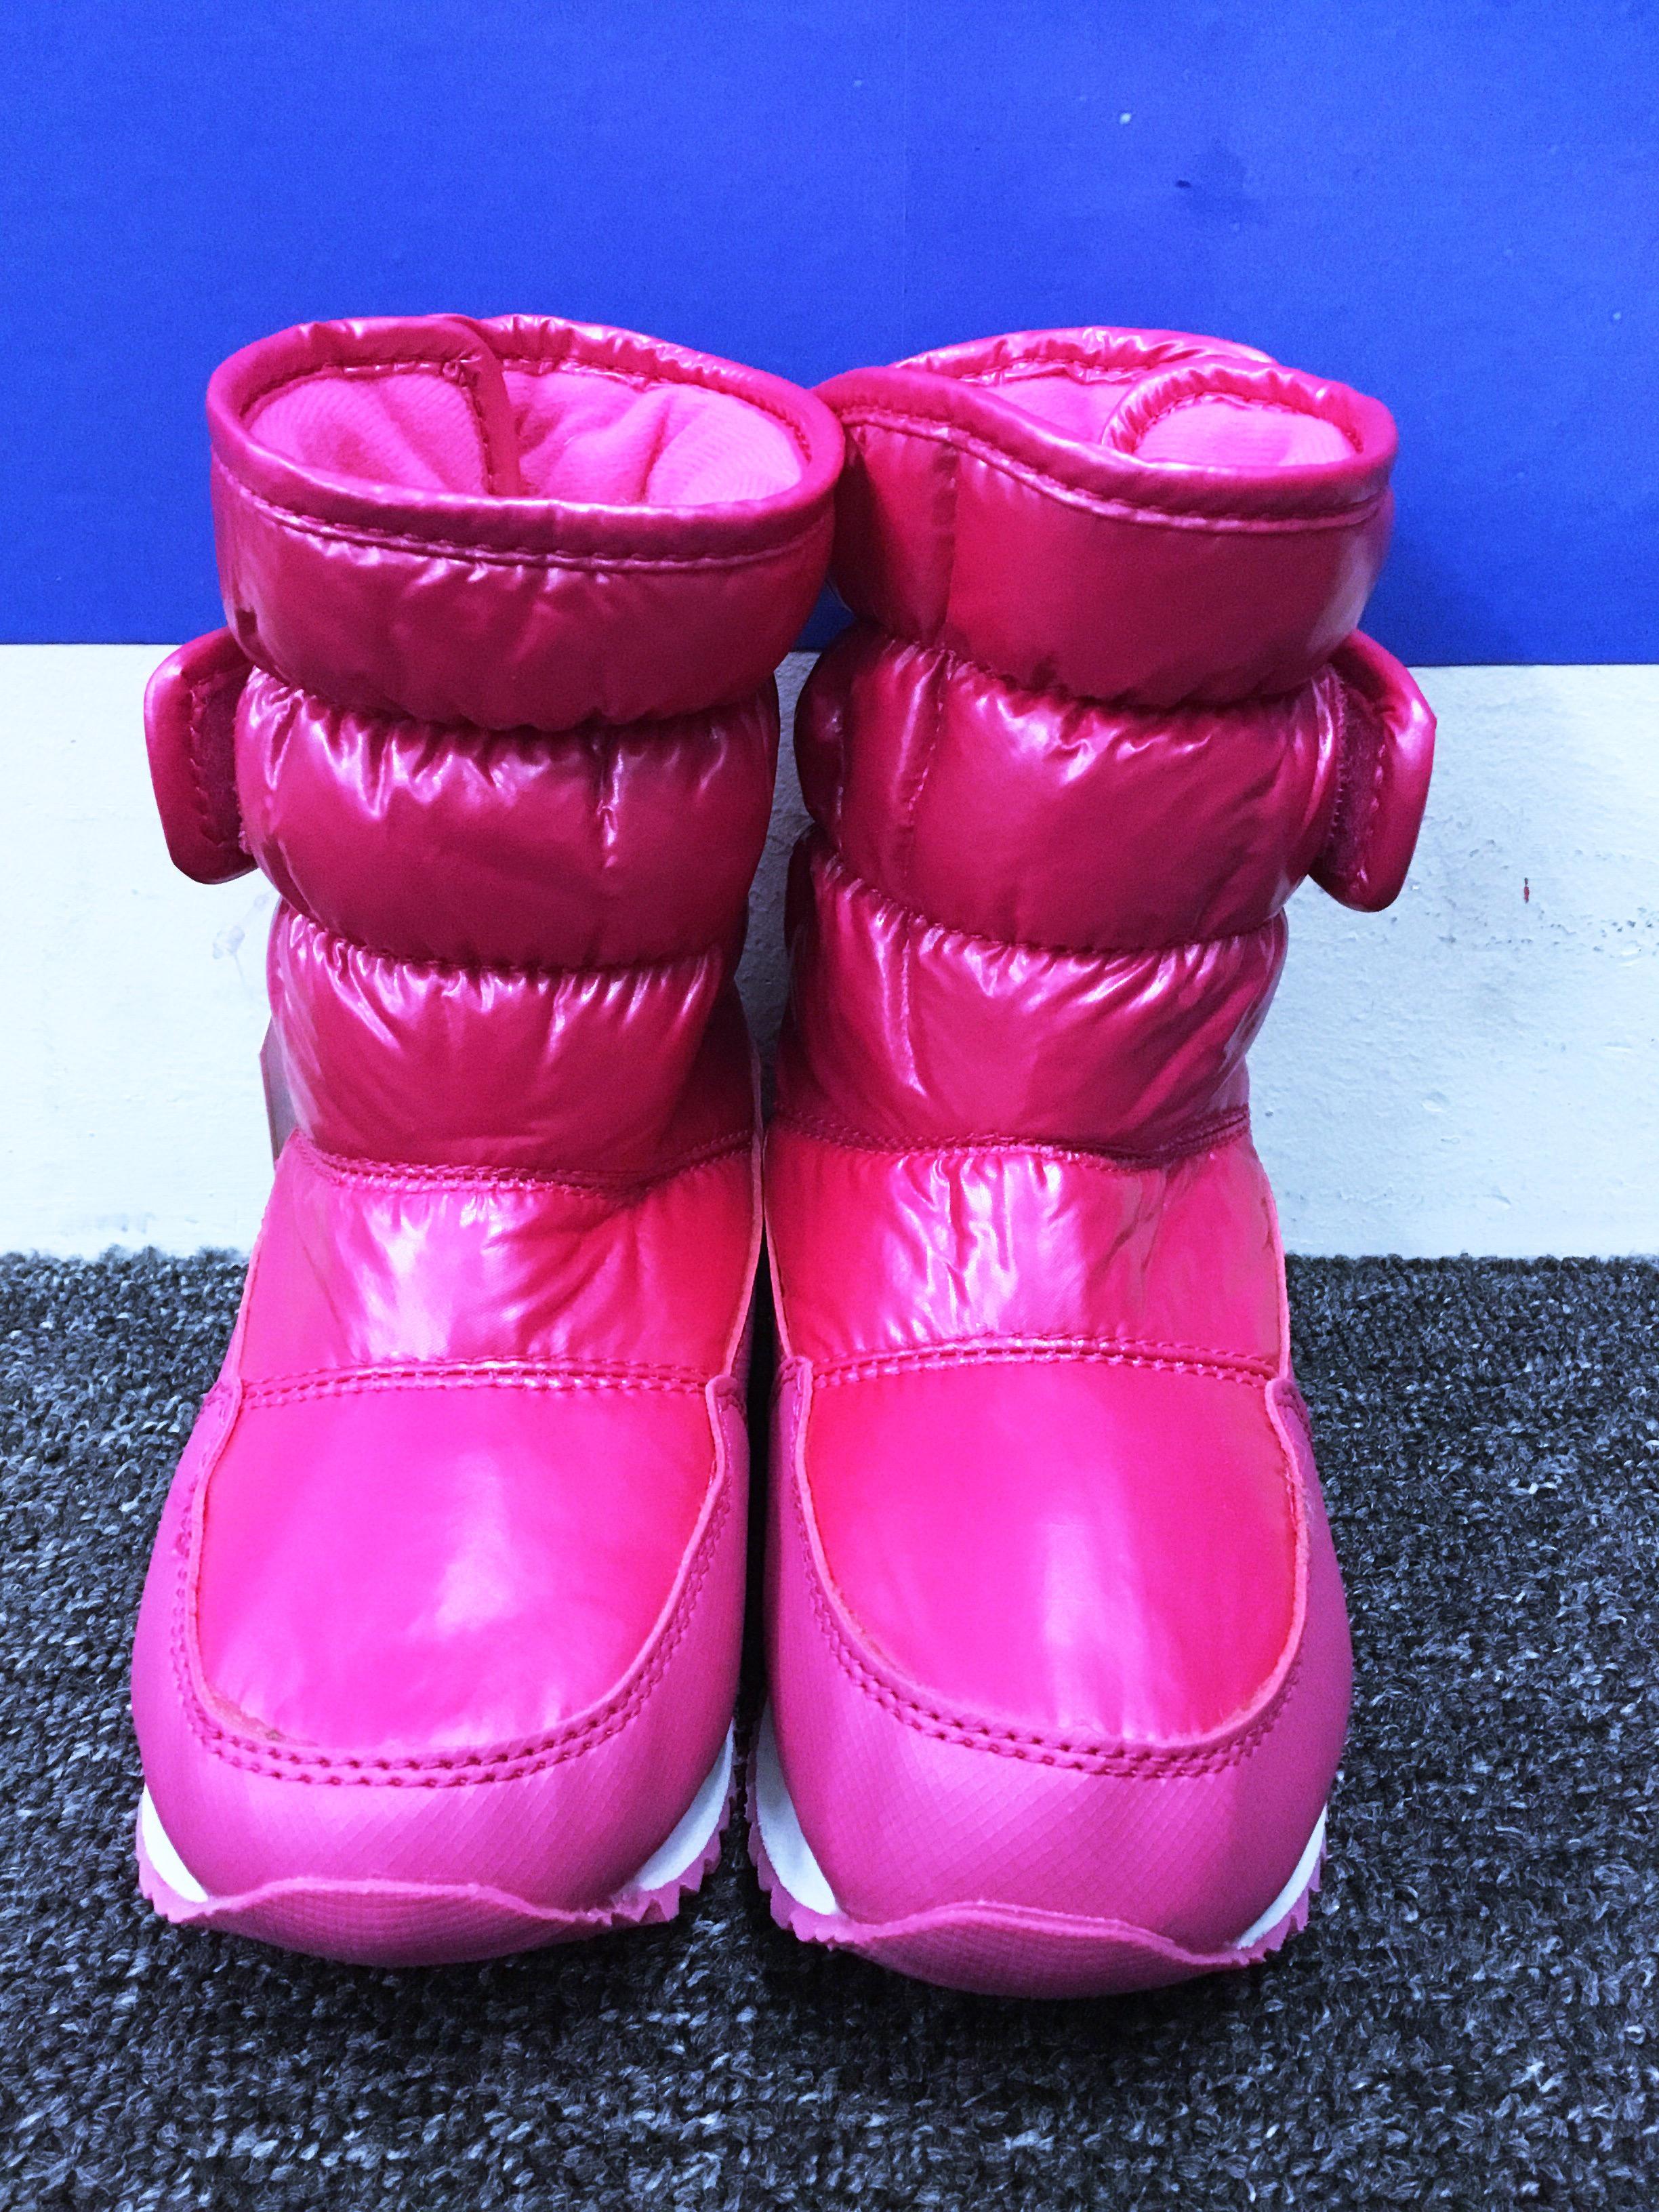 SNOW BOOTS KIDS ANGKLE WATERPROOF & ANTI SLIP